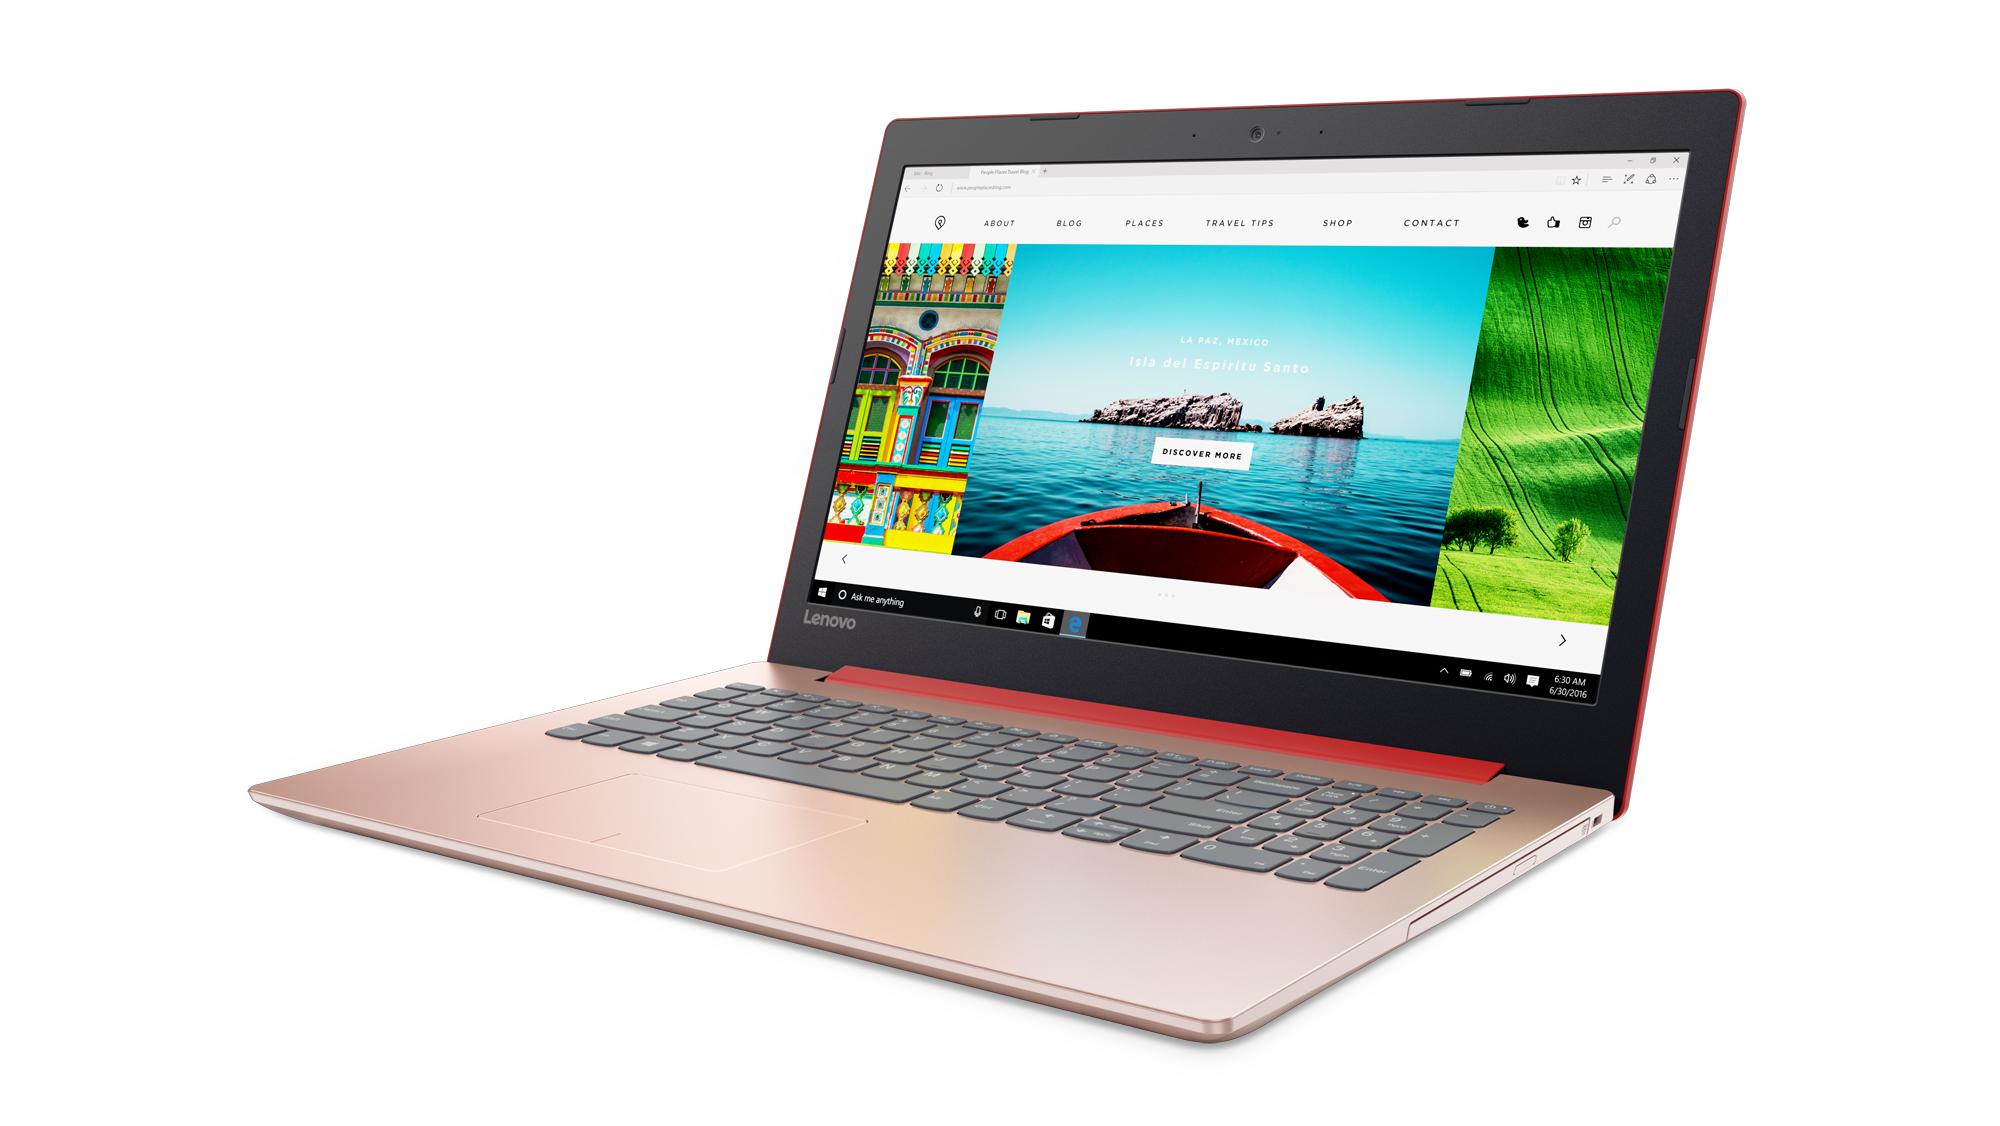 """Lenovo IdeaPad 320-15IKBN i3-7130U 2,70GHz/4GB/SSD 256GB/15,6"""" FHD/AG/WIN10 červená 80XL0364CK"""